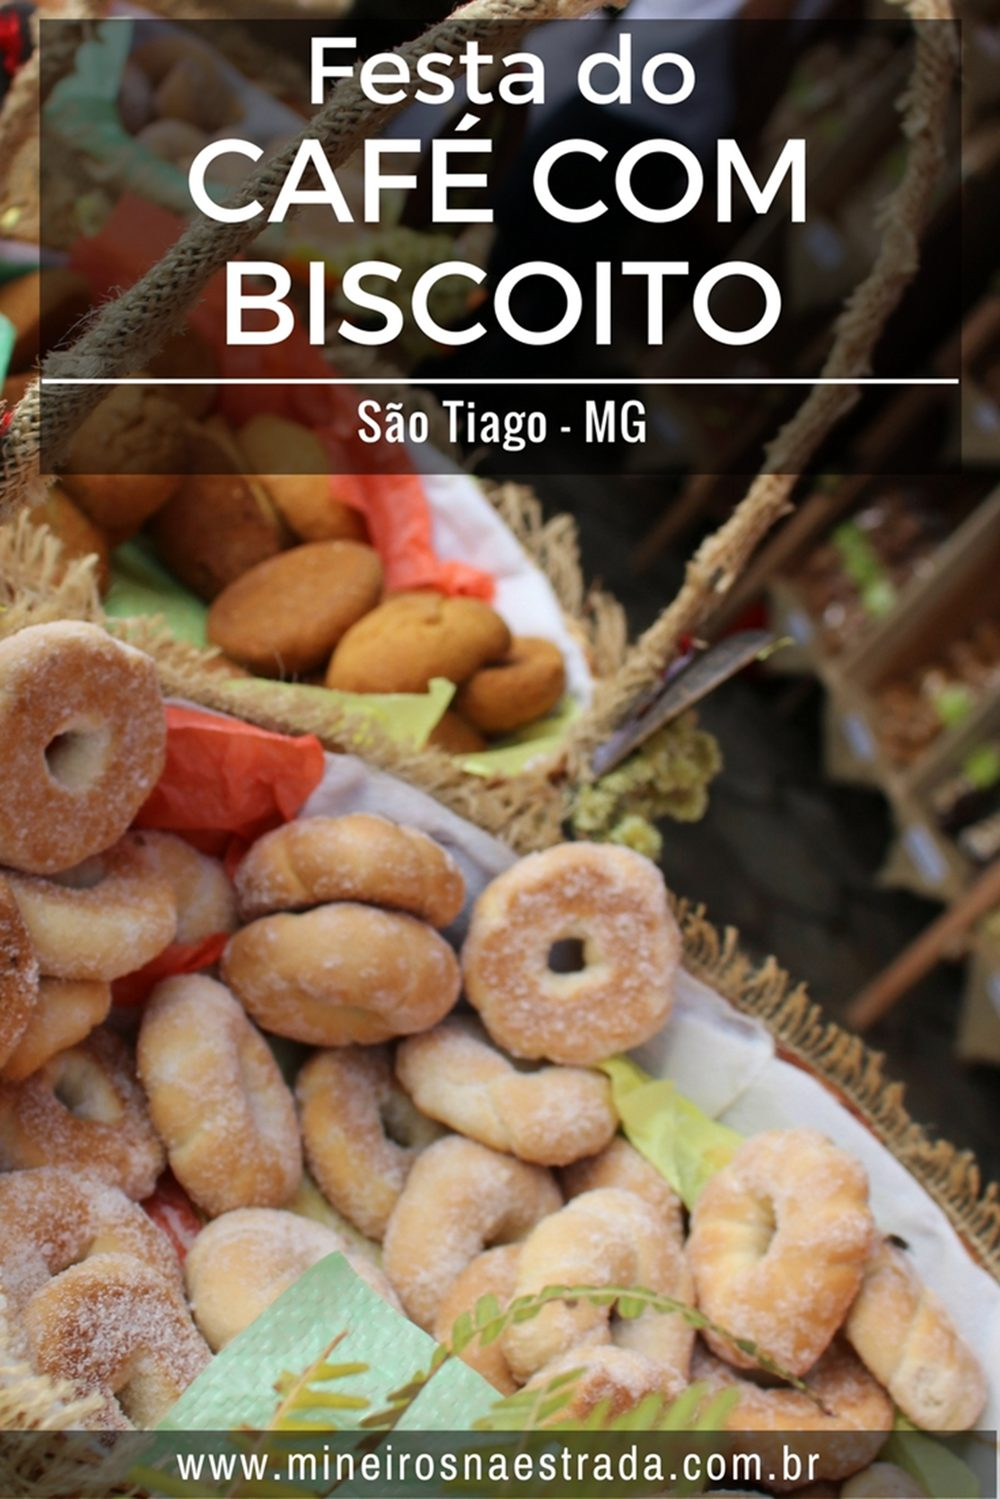 A Festa do Café com Biscoito é um evento que acontece em um final de semana de setembro, em São Tiago, cidade mineira próxima a Tiradentes. Produtores locais de biscoitos expõem e oferecem suas quitandas para degustação e venda. Também há shows e barraquinhas com outras comidas.